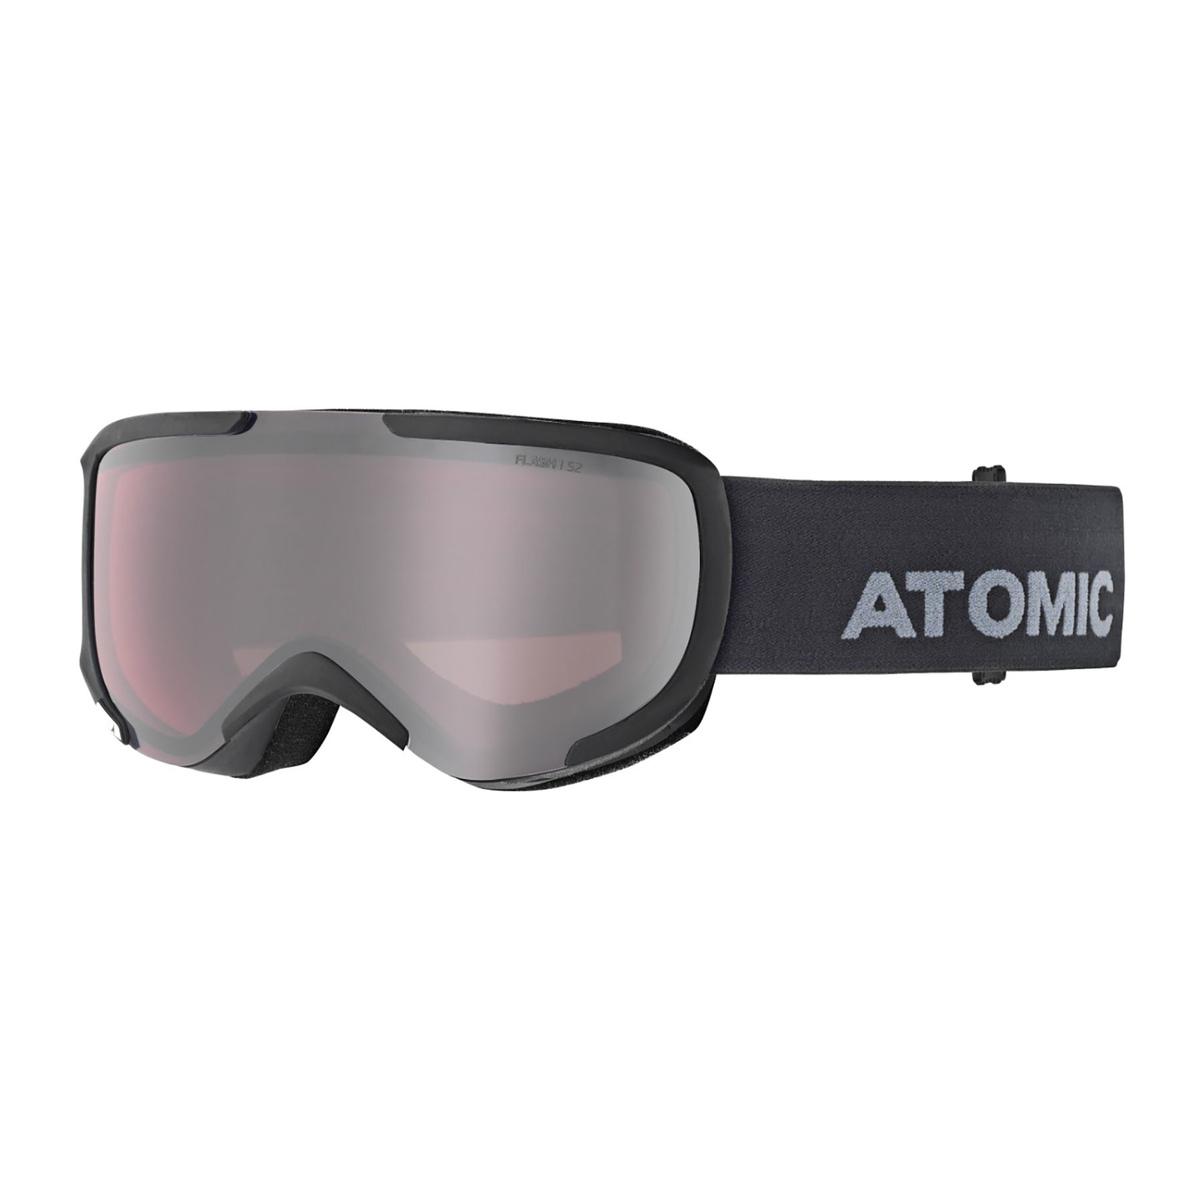 Prezzi Atomic maschera savor s black